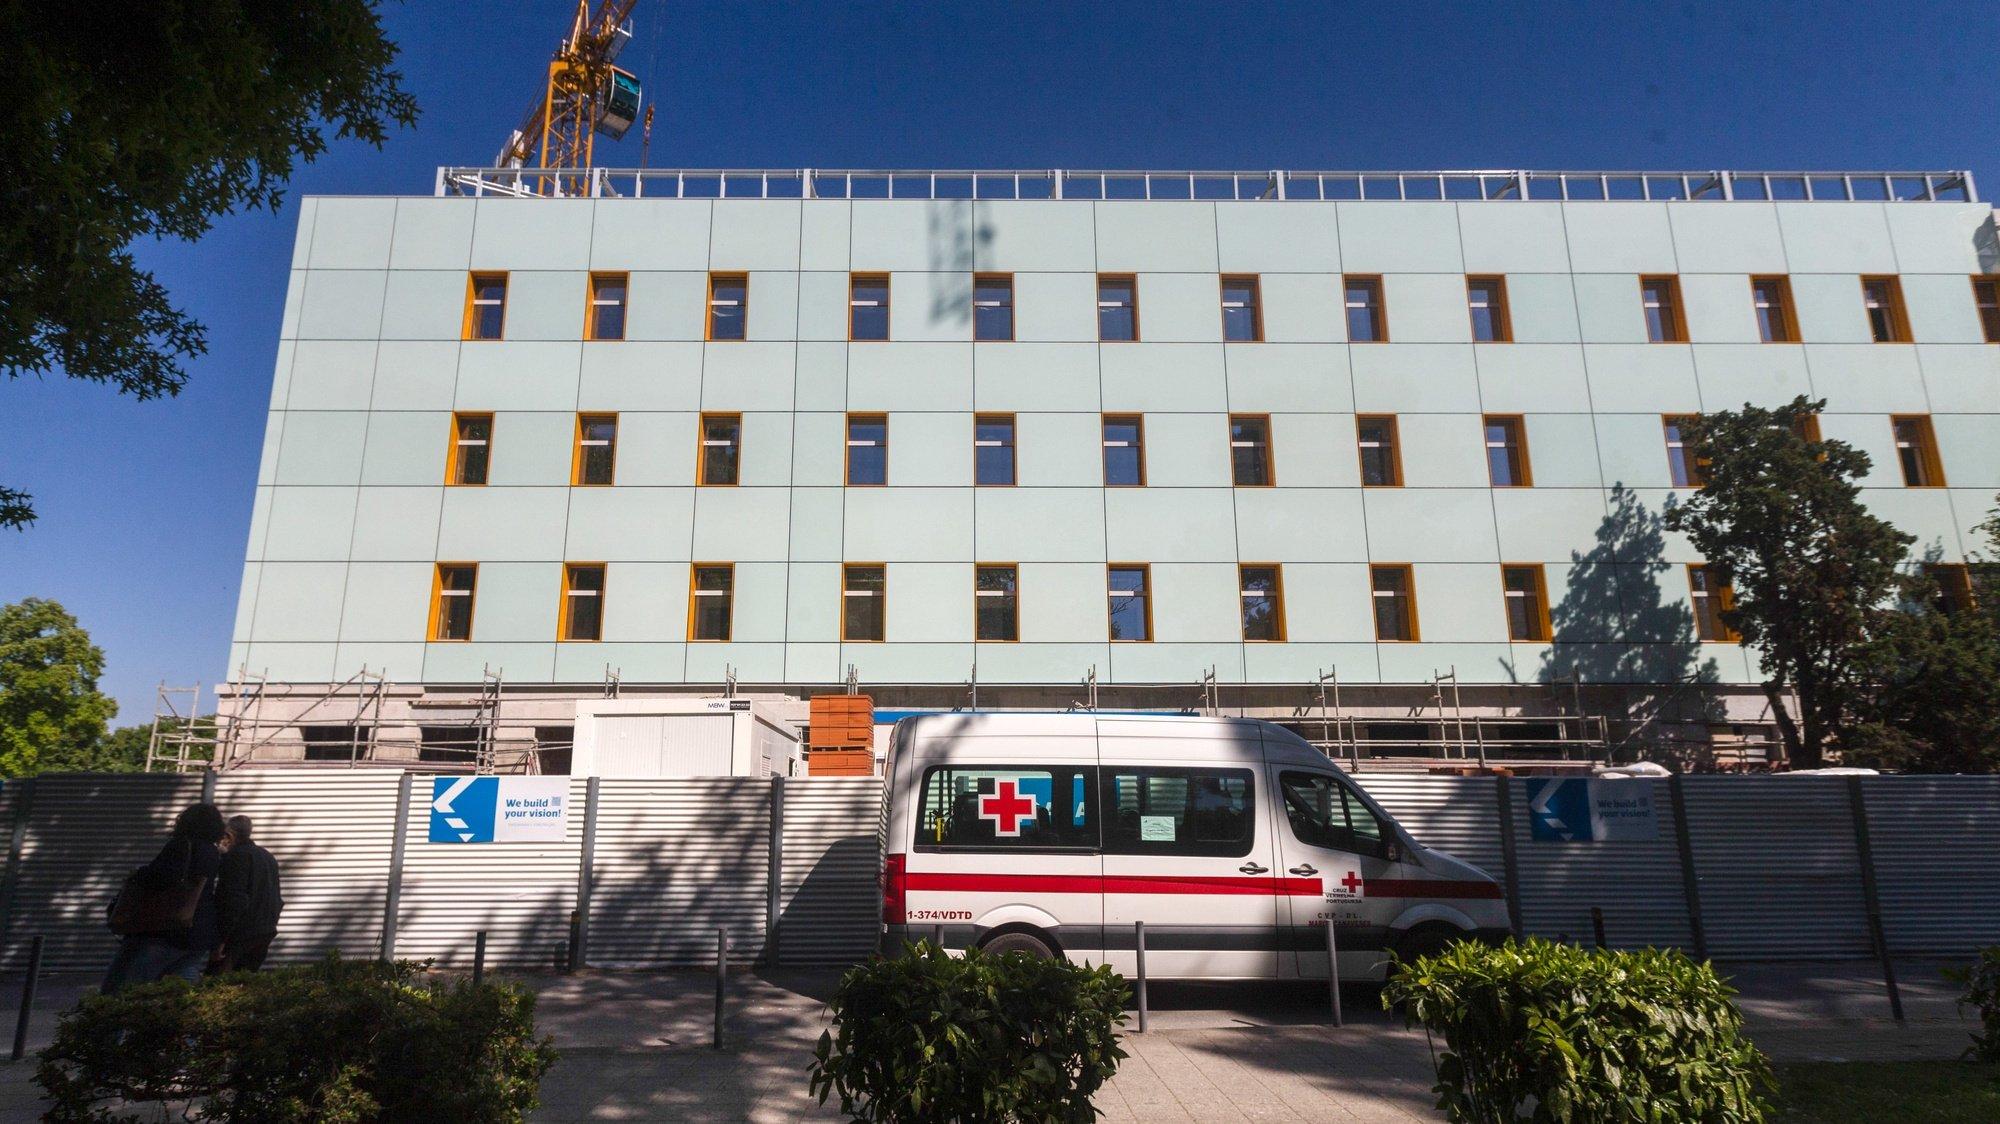 A nova ala pediátrica do Centro Hospitalar Universitário de São João, no Porto